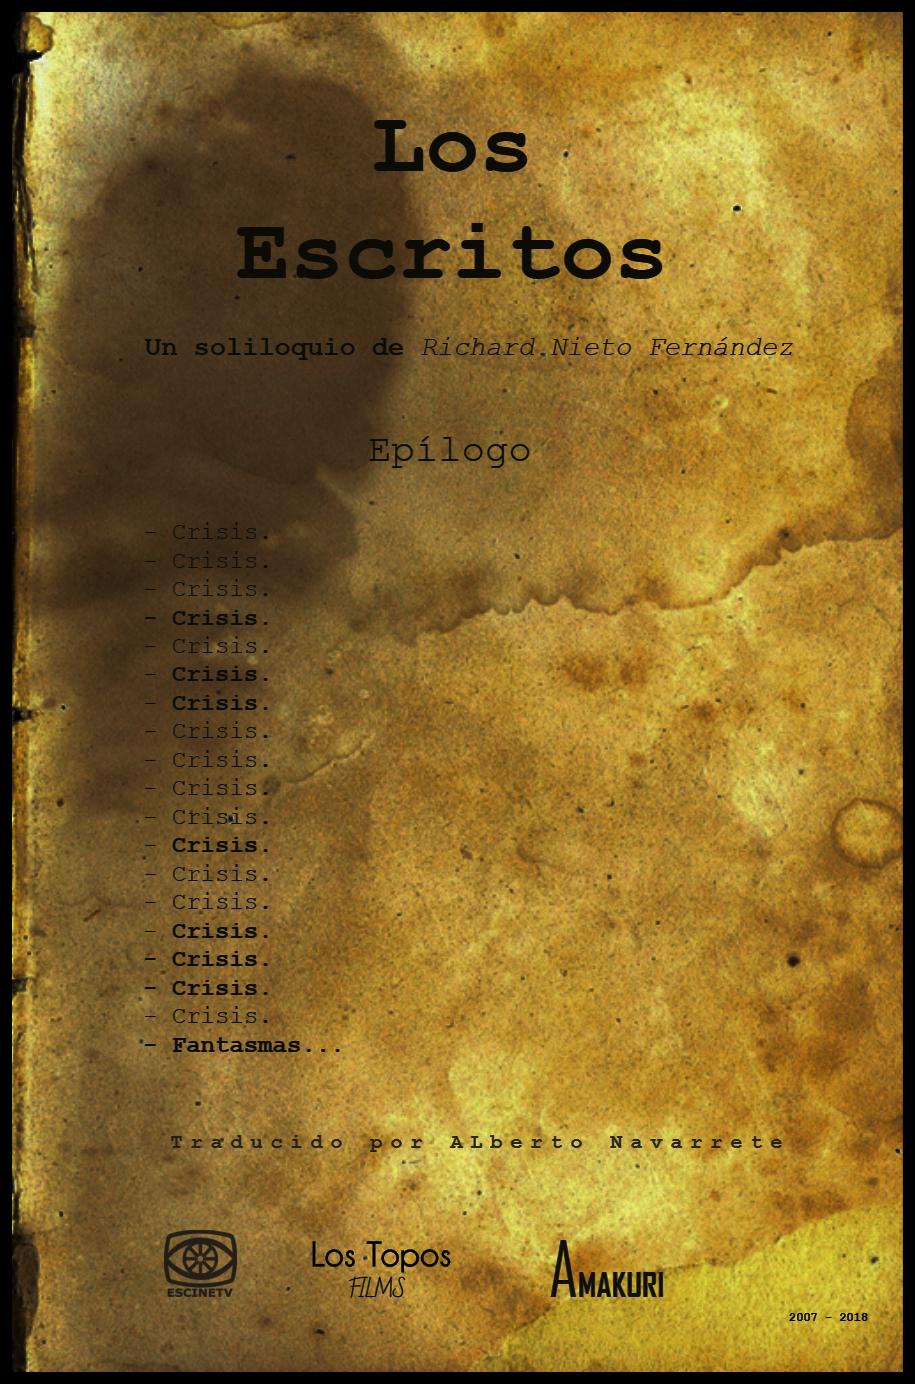 LOS ESCRITOS.jpg